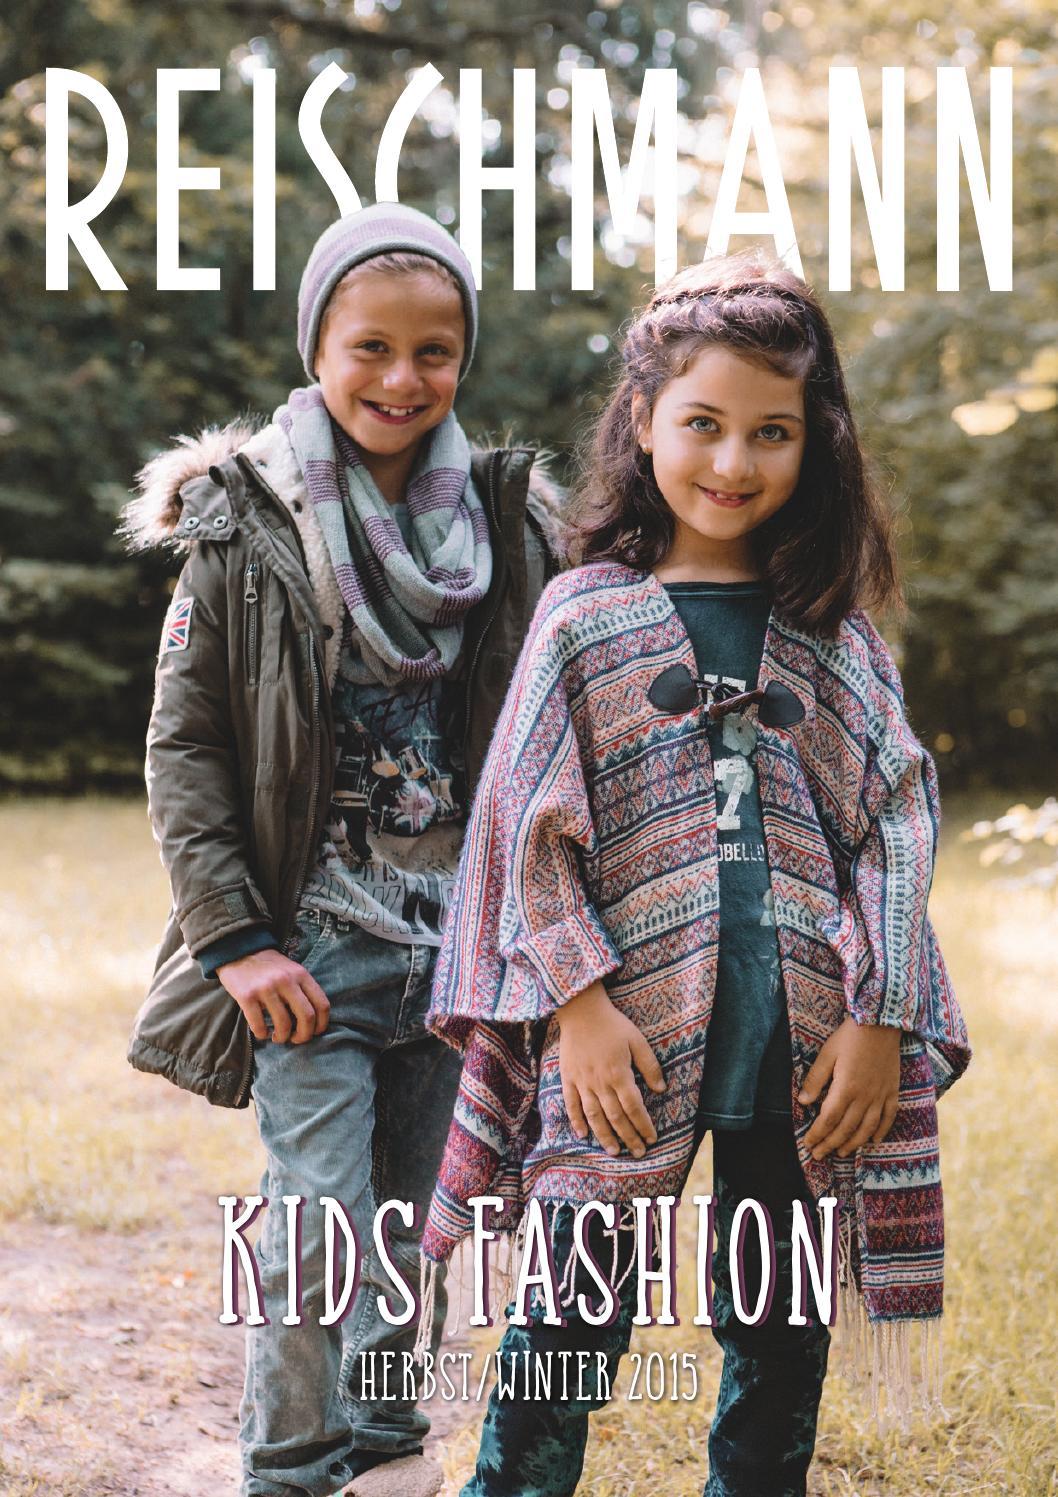 Kids Fashion by Reischmann Mode+Trend+Sport issuu